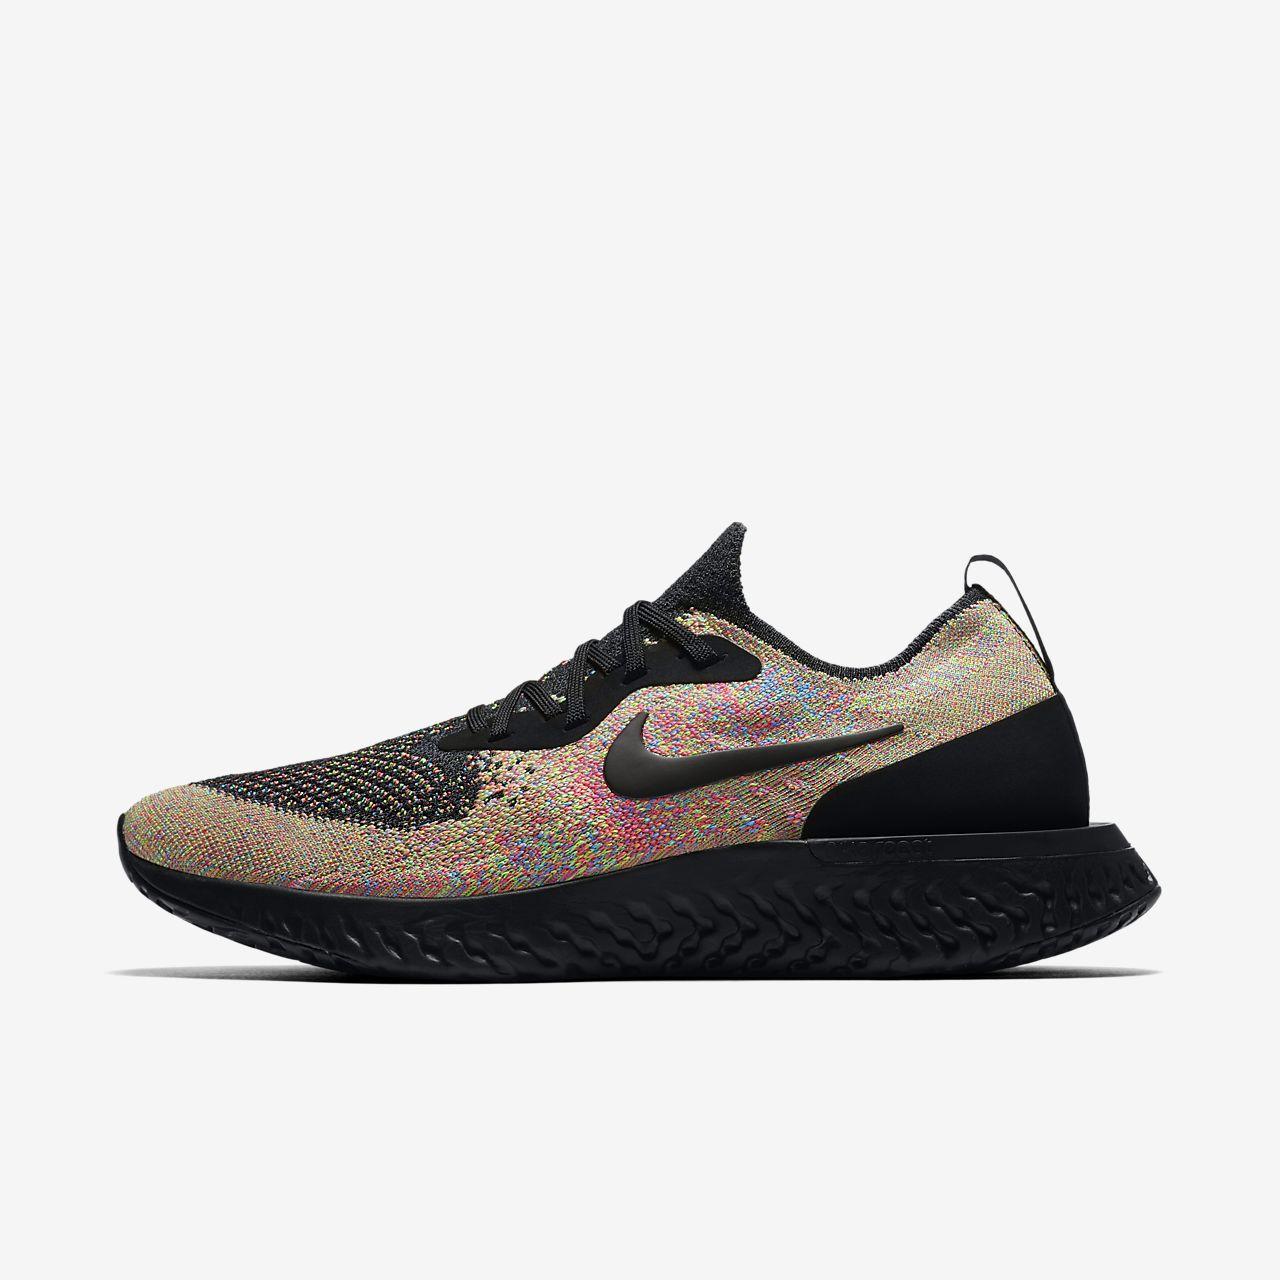 super popular 5ed66 609ab Męskie buty do biegania Nike Epic React Flyknit. Nike.com PL. Męskie buty  do biegania. Adidas Energy Cloud ...